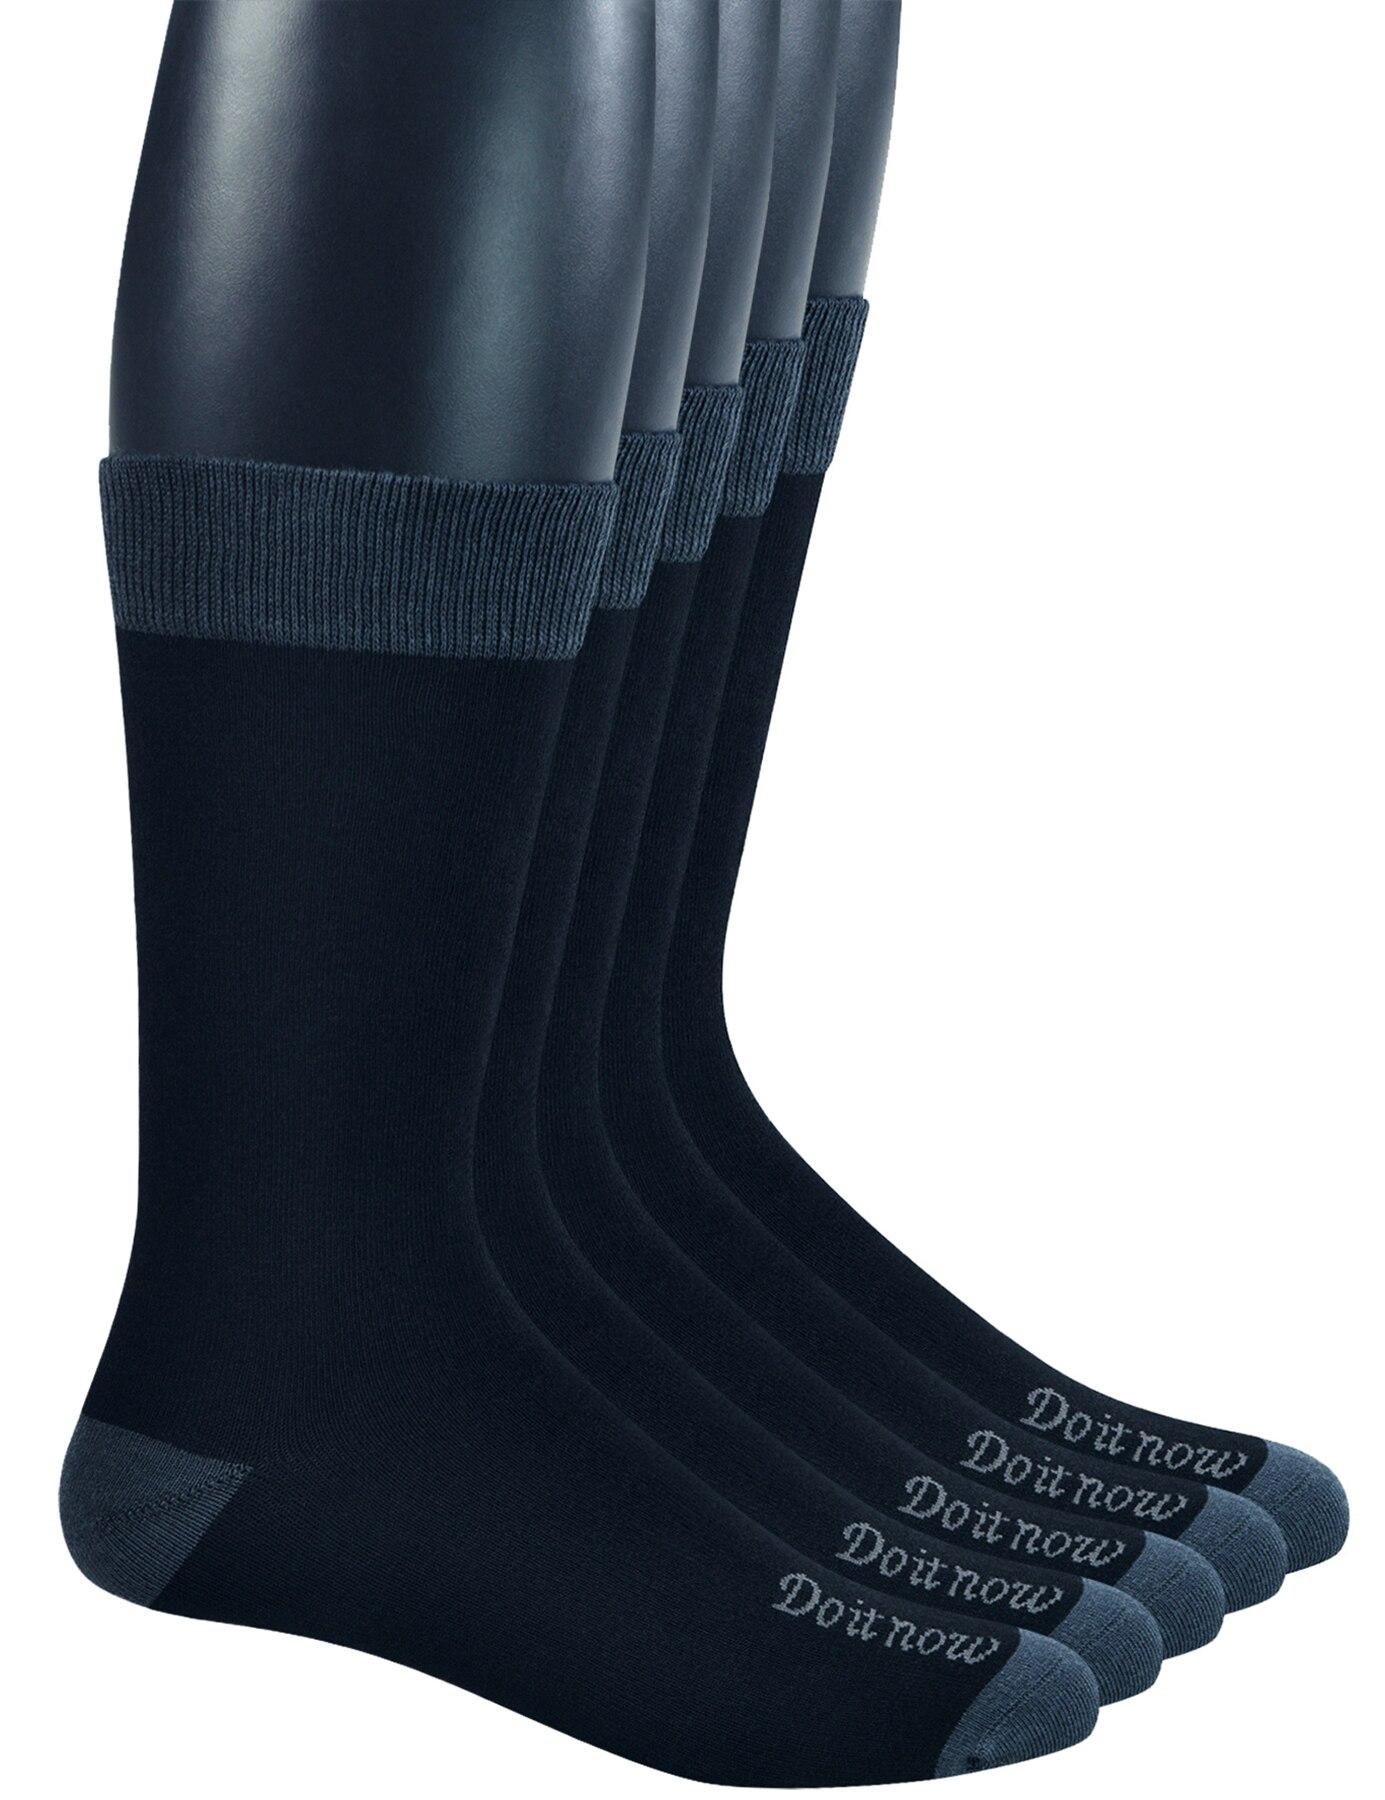 Мужские бамбуковые дышащие короткие носки Yomandamor с бесшовным носком, 5 пар, размер L (размер носков: 10-13)